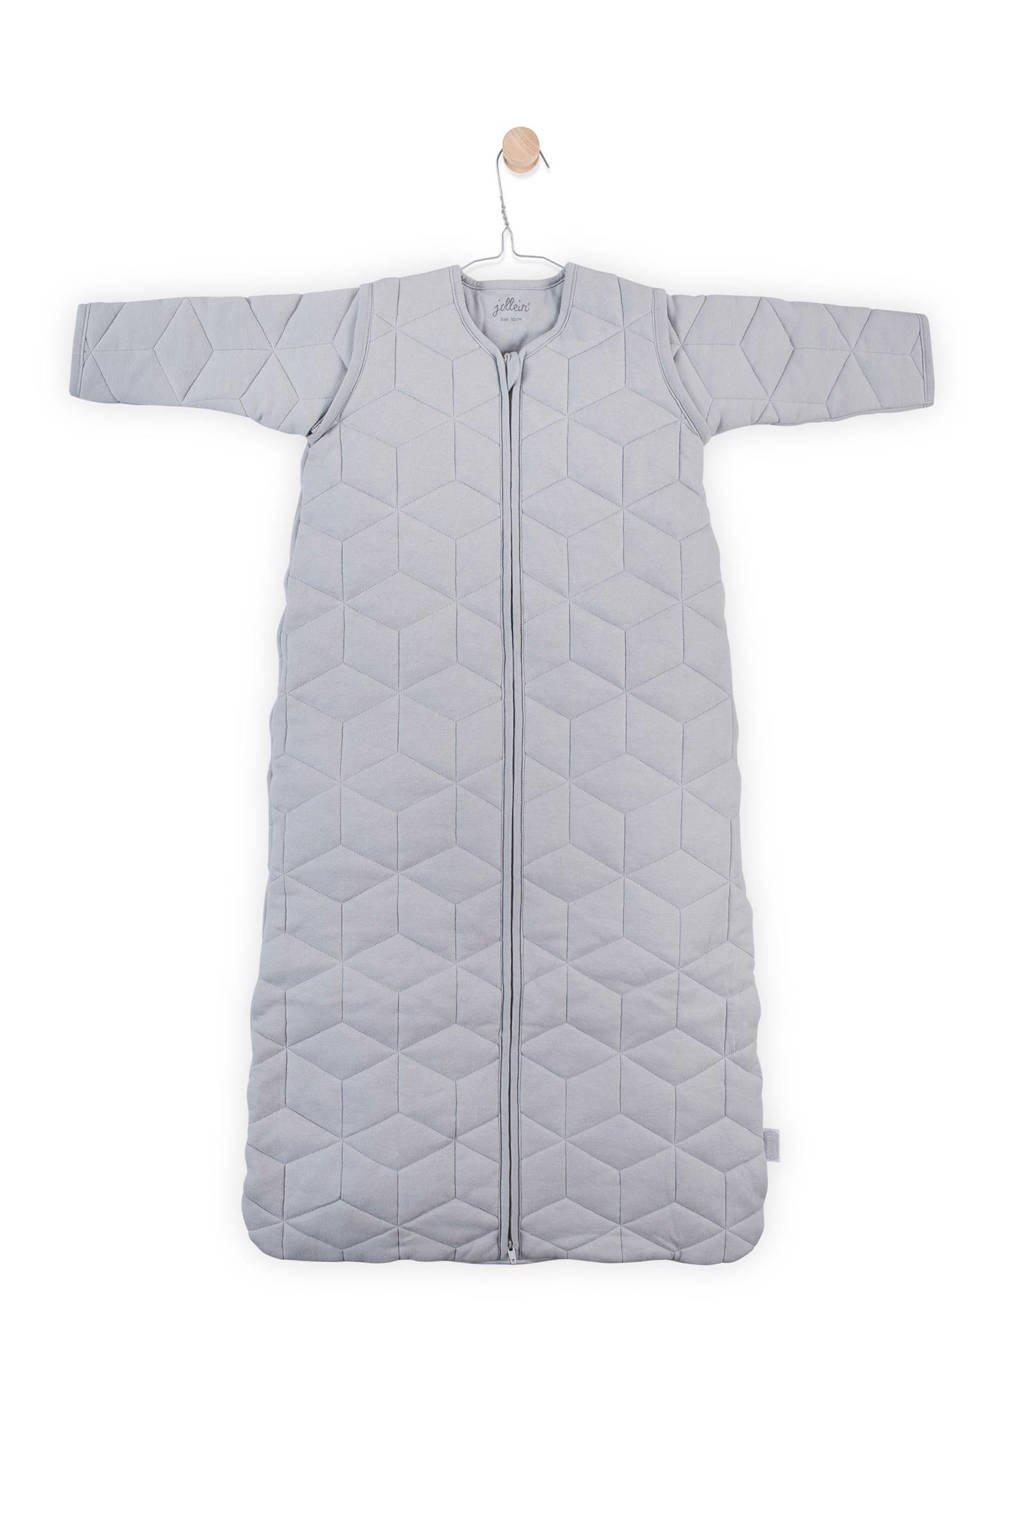 Jollein Graphic quilt baby slaapzak 4-seizoenen 110 cm grey, Grey